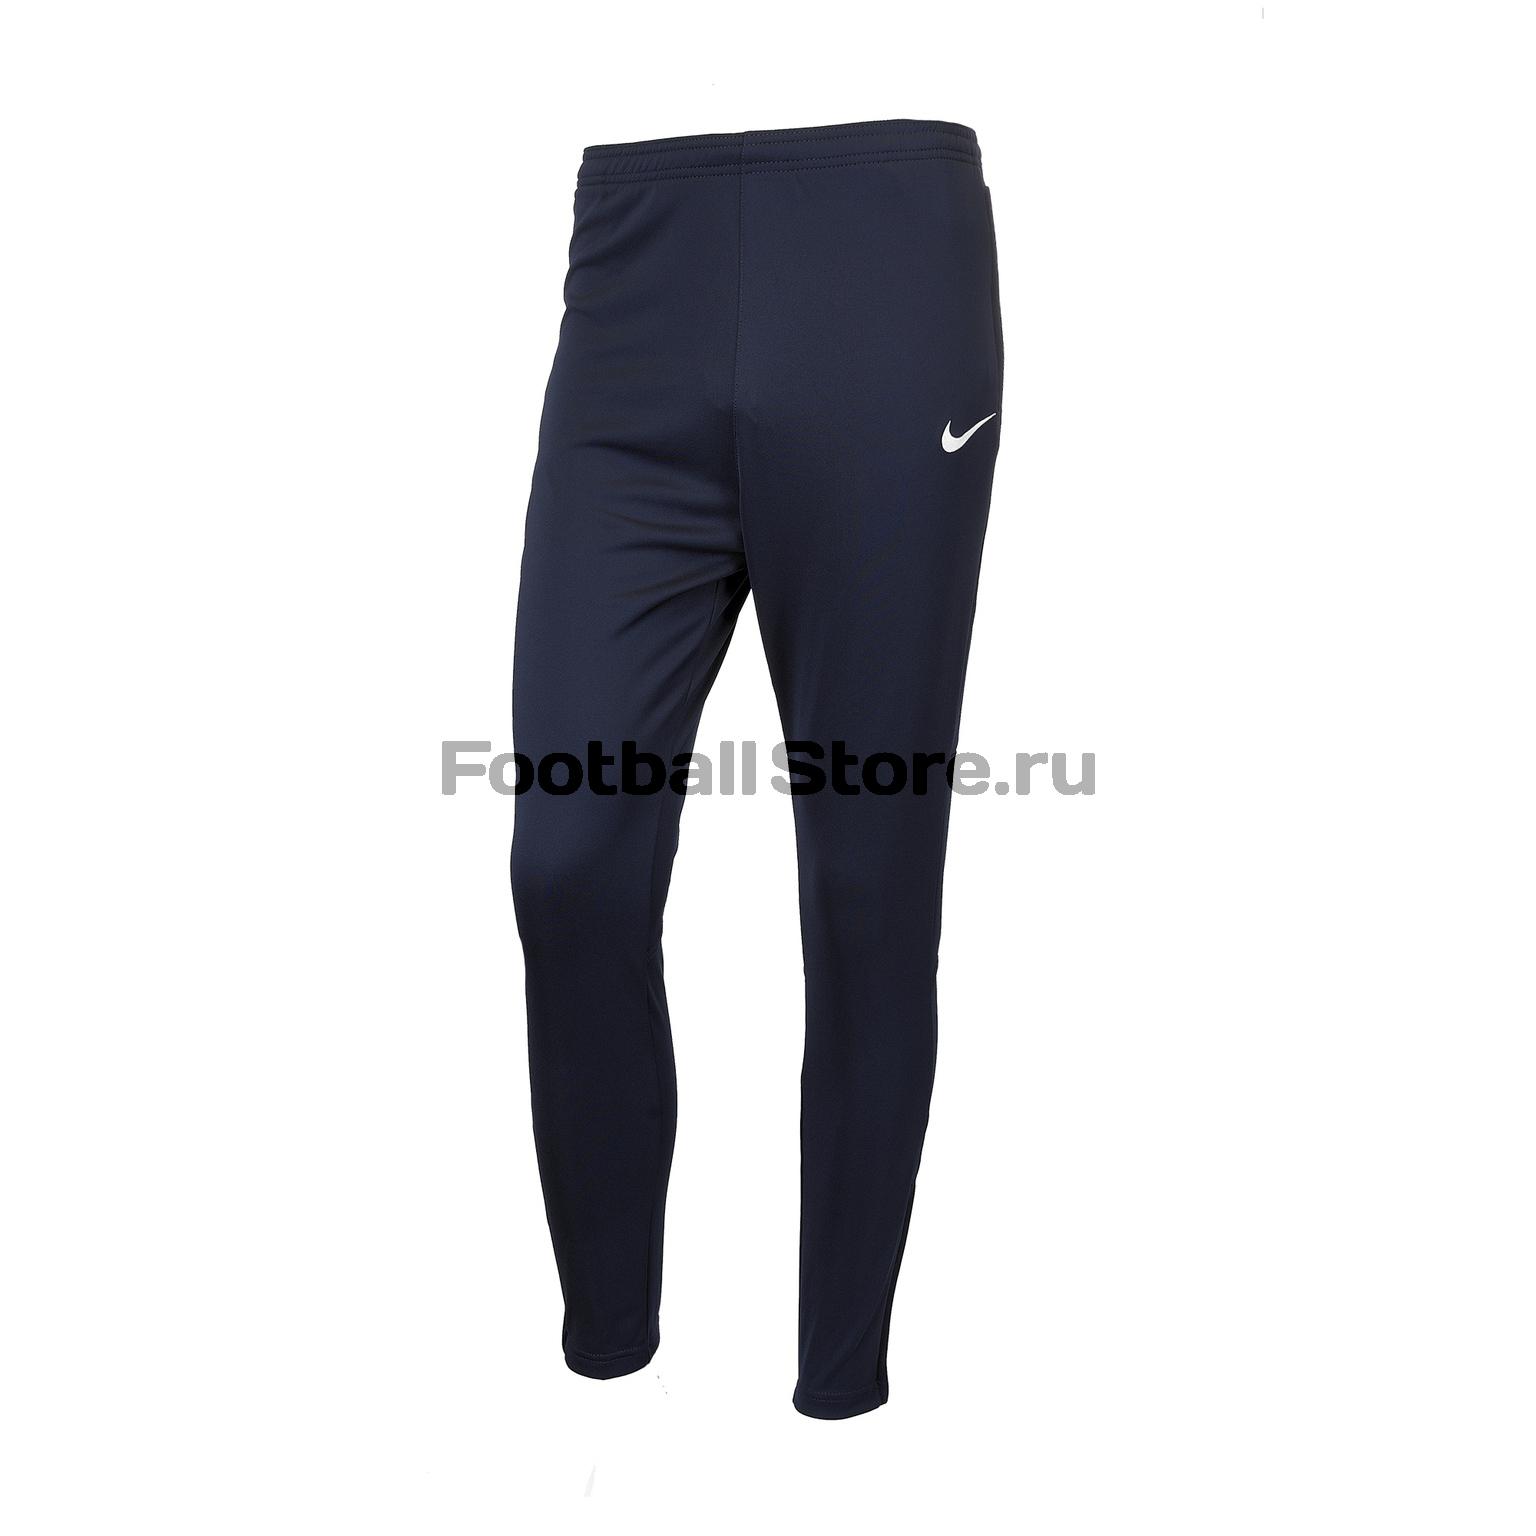 Брюки подростковые Nike Dry Academy18 Pant 893746-451